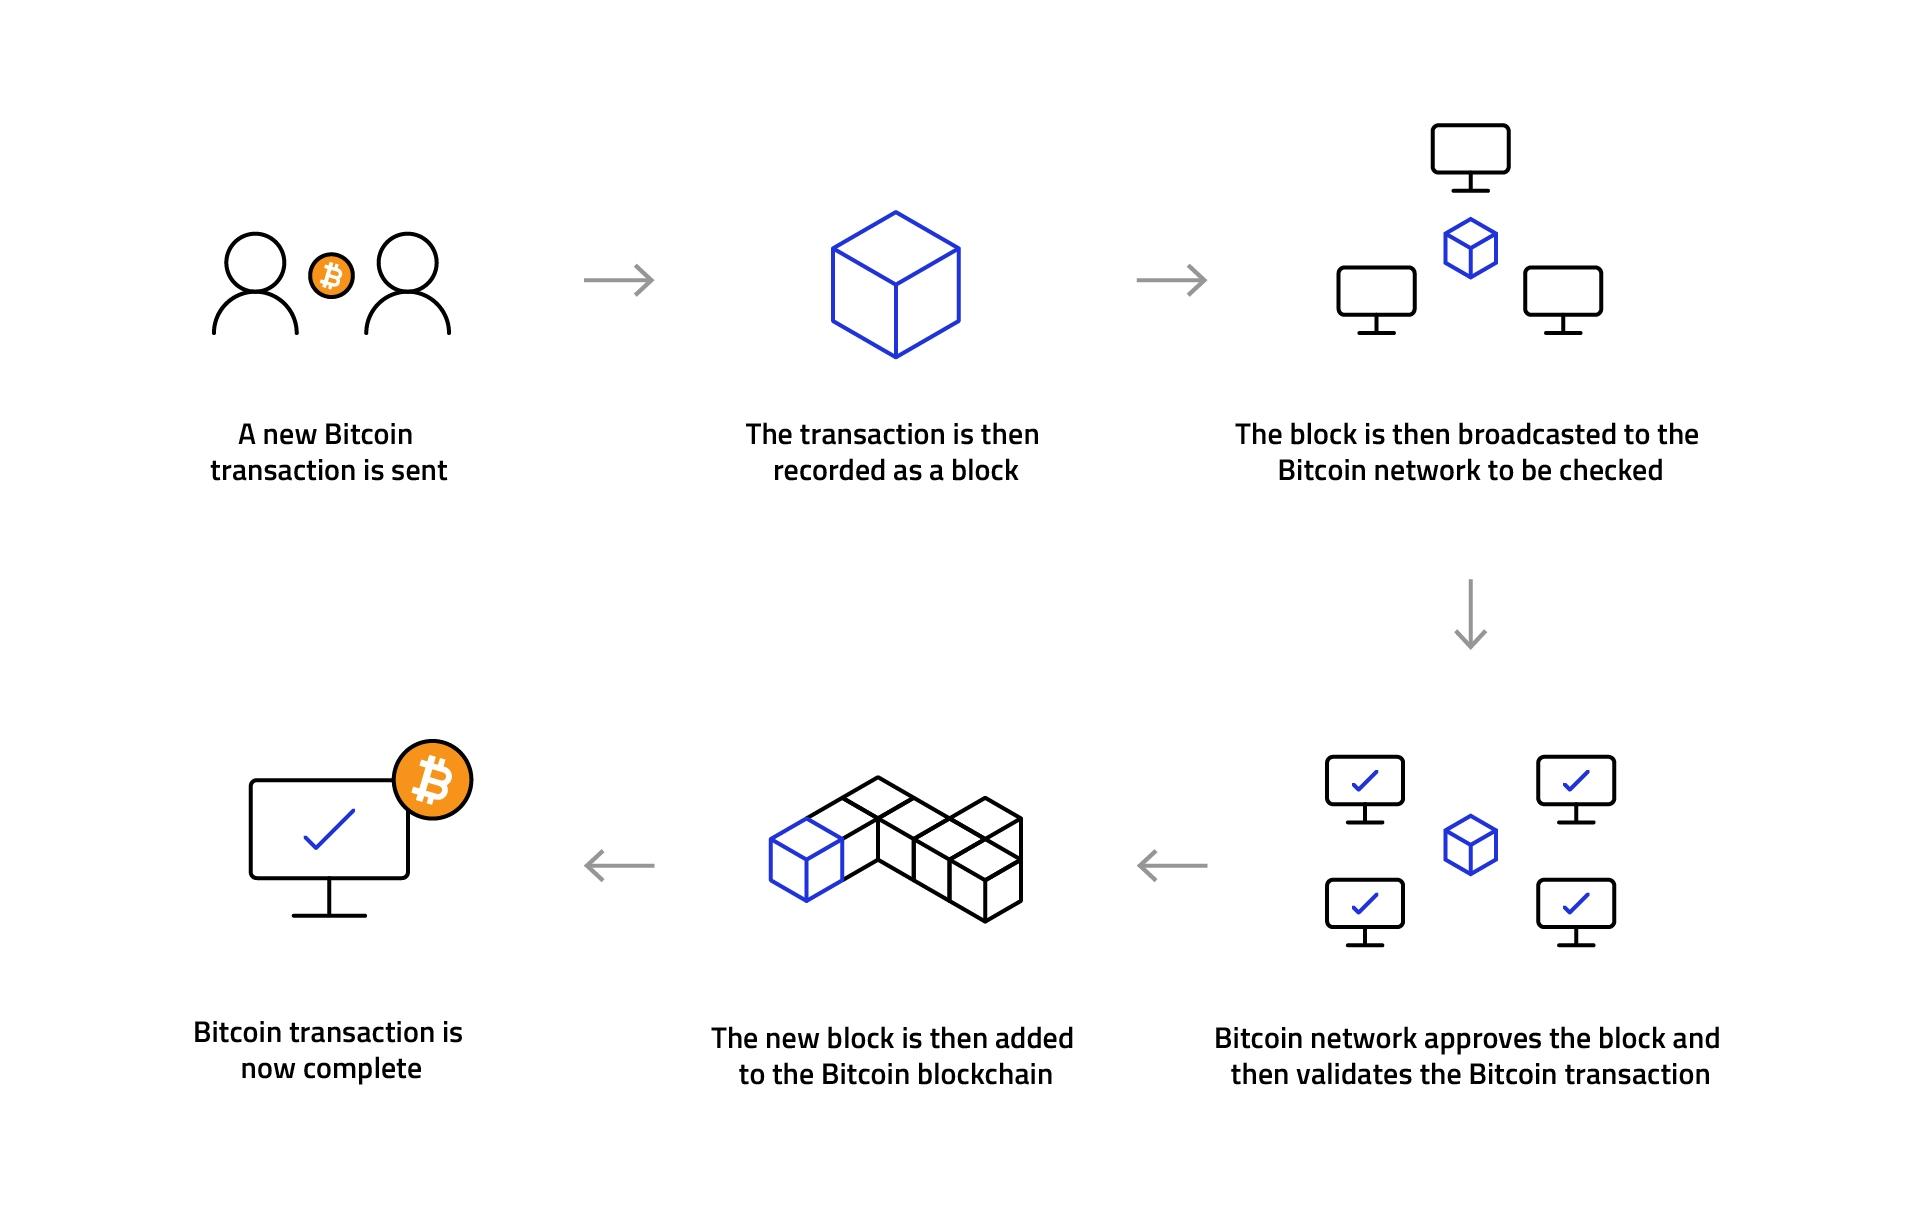 bitcoin-blockchain-transaction-2.jpg